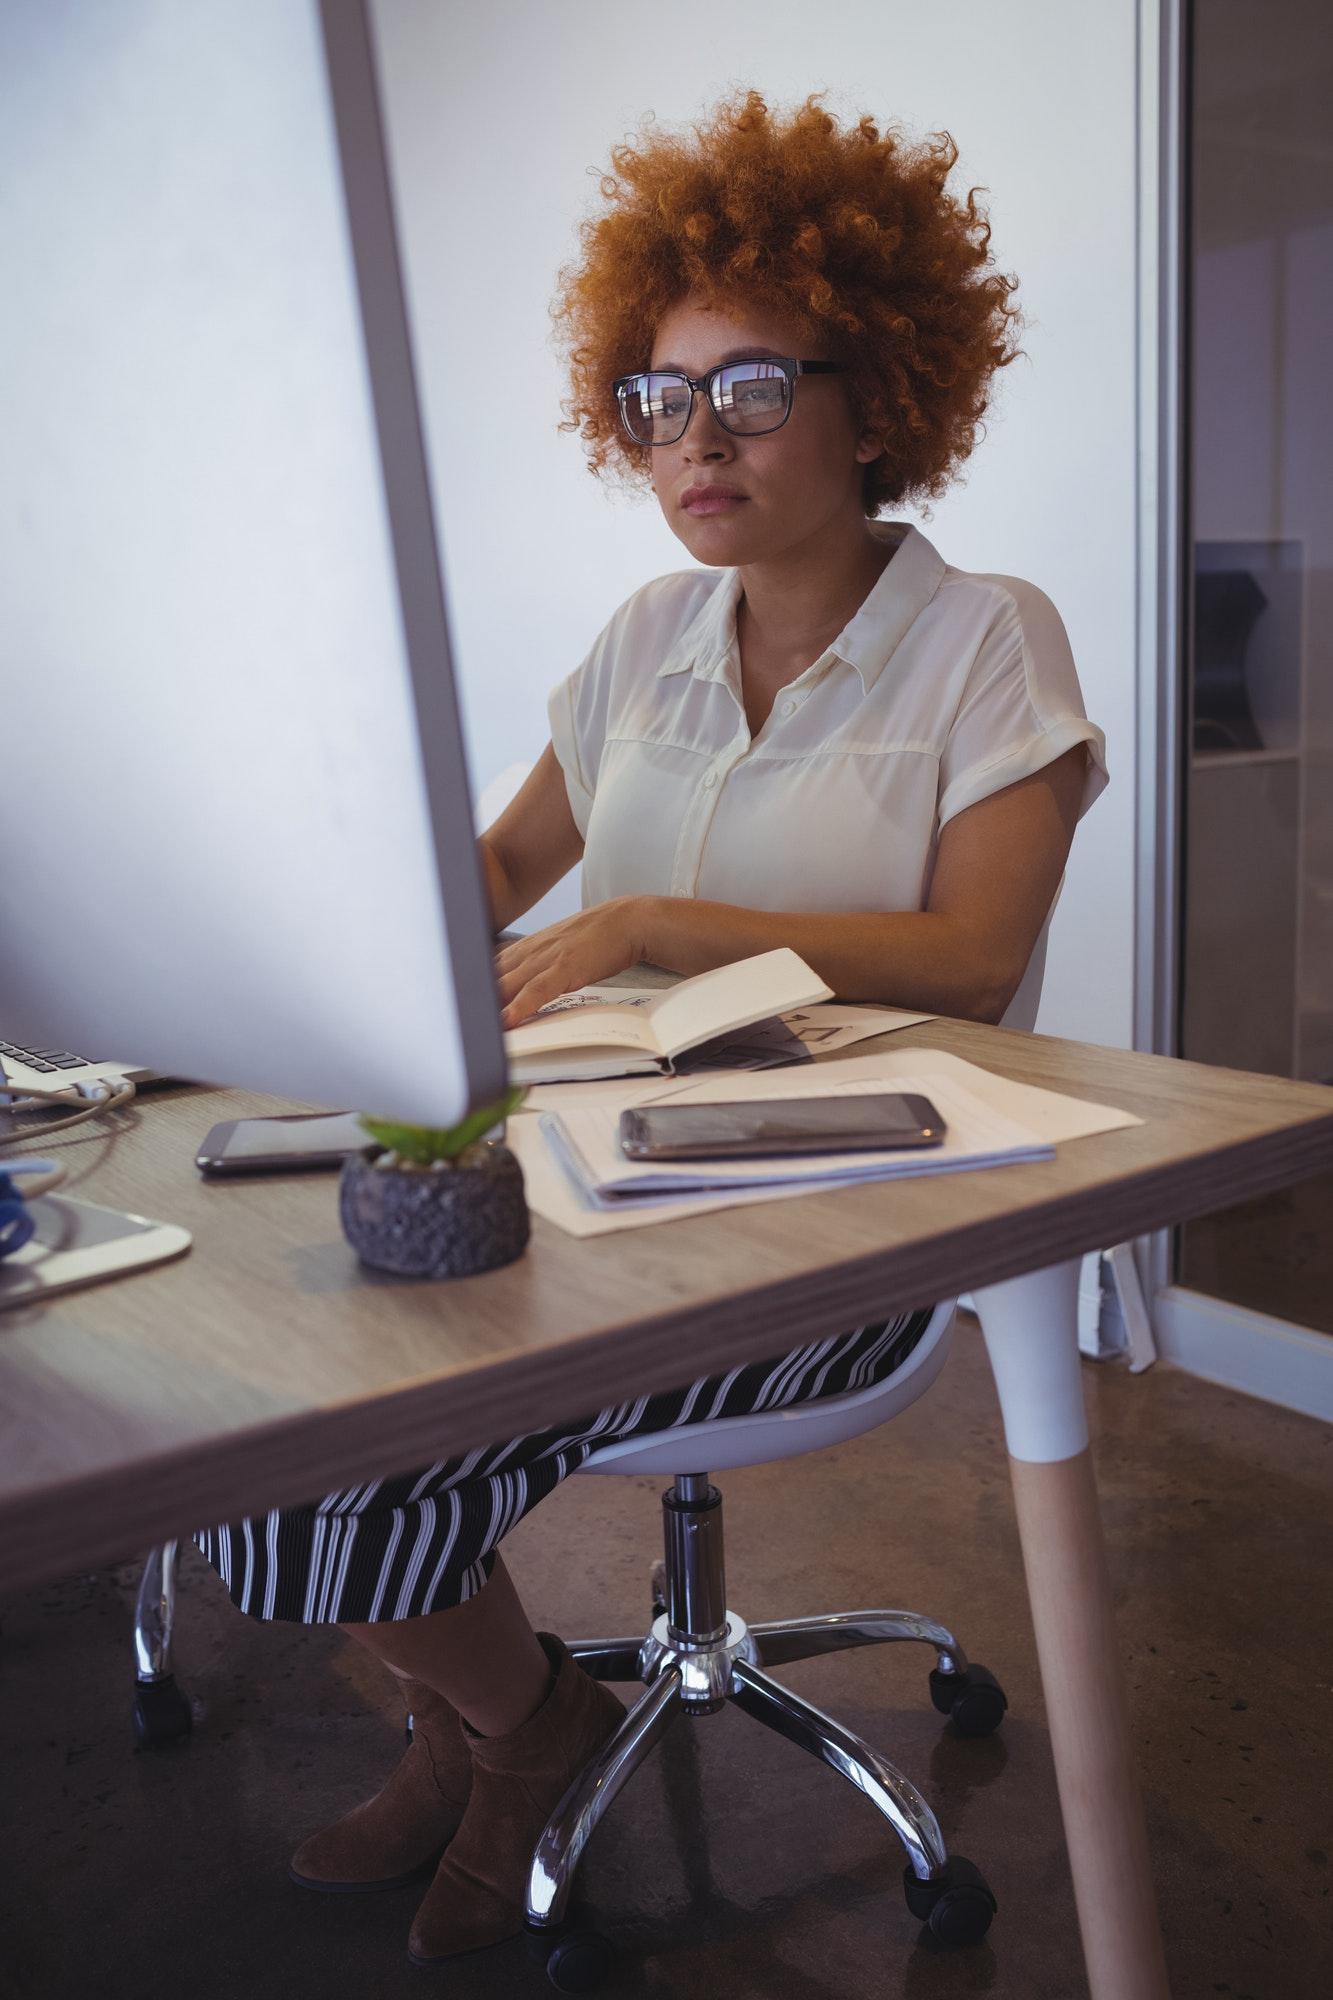 Focused entrepreneur working in office